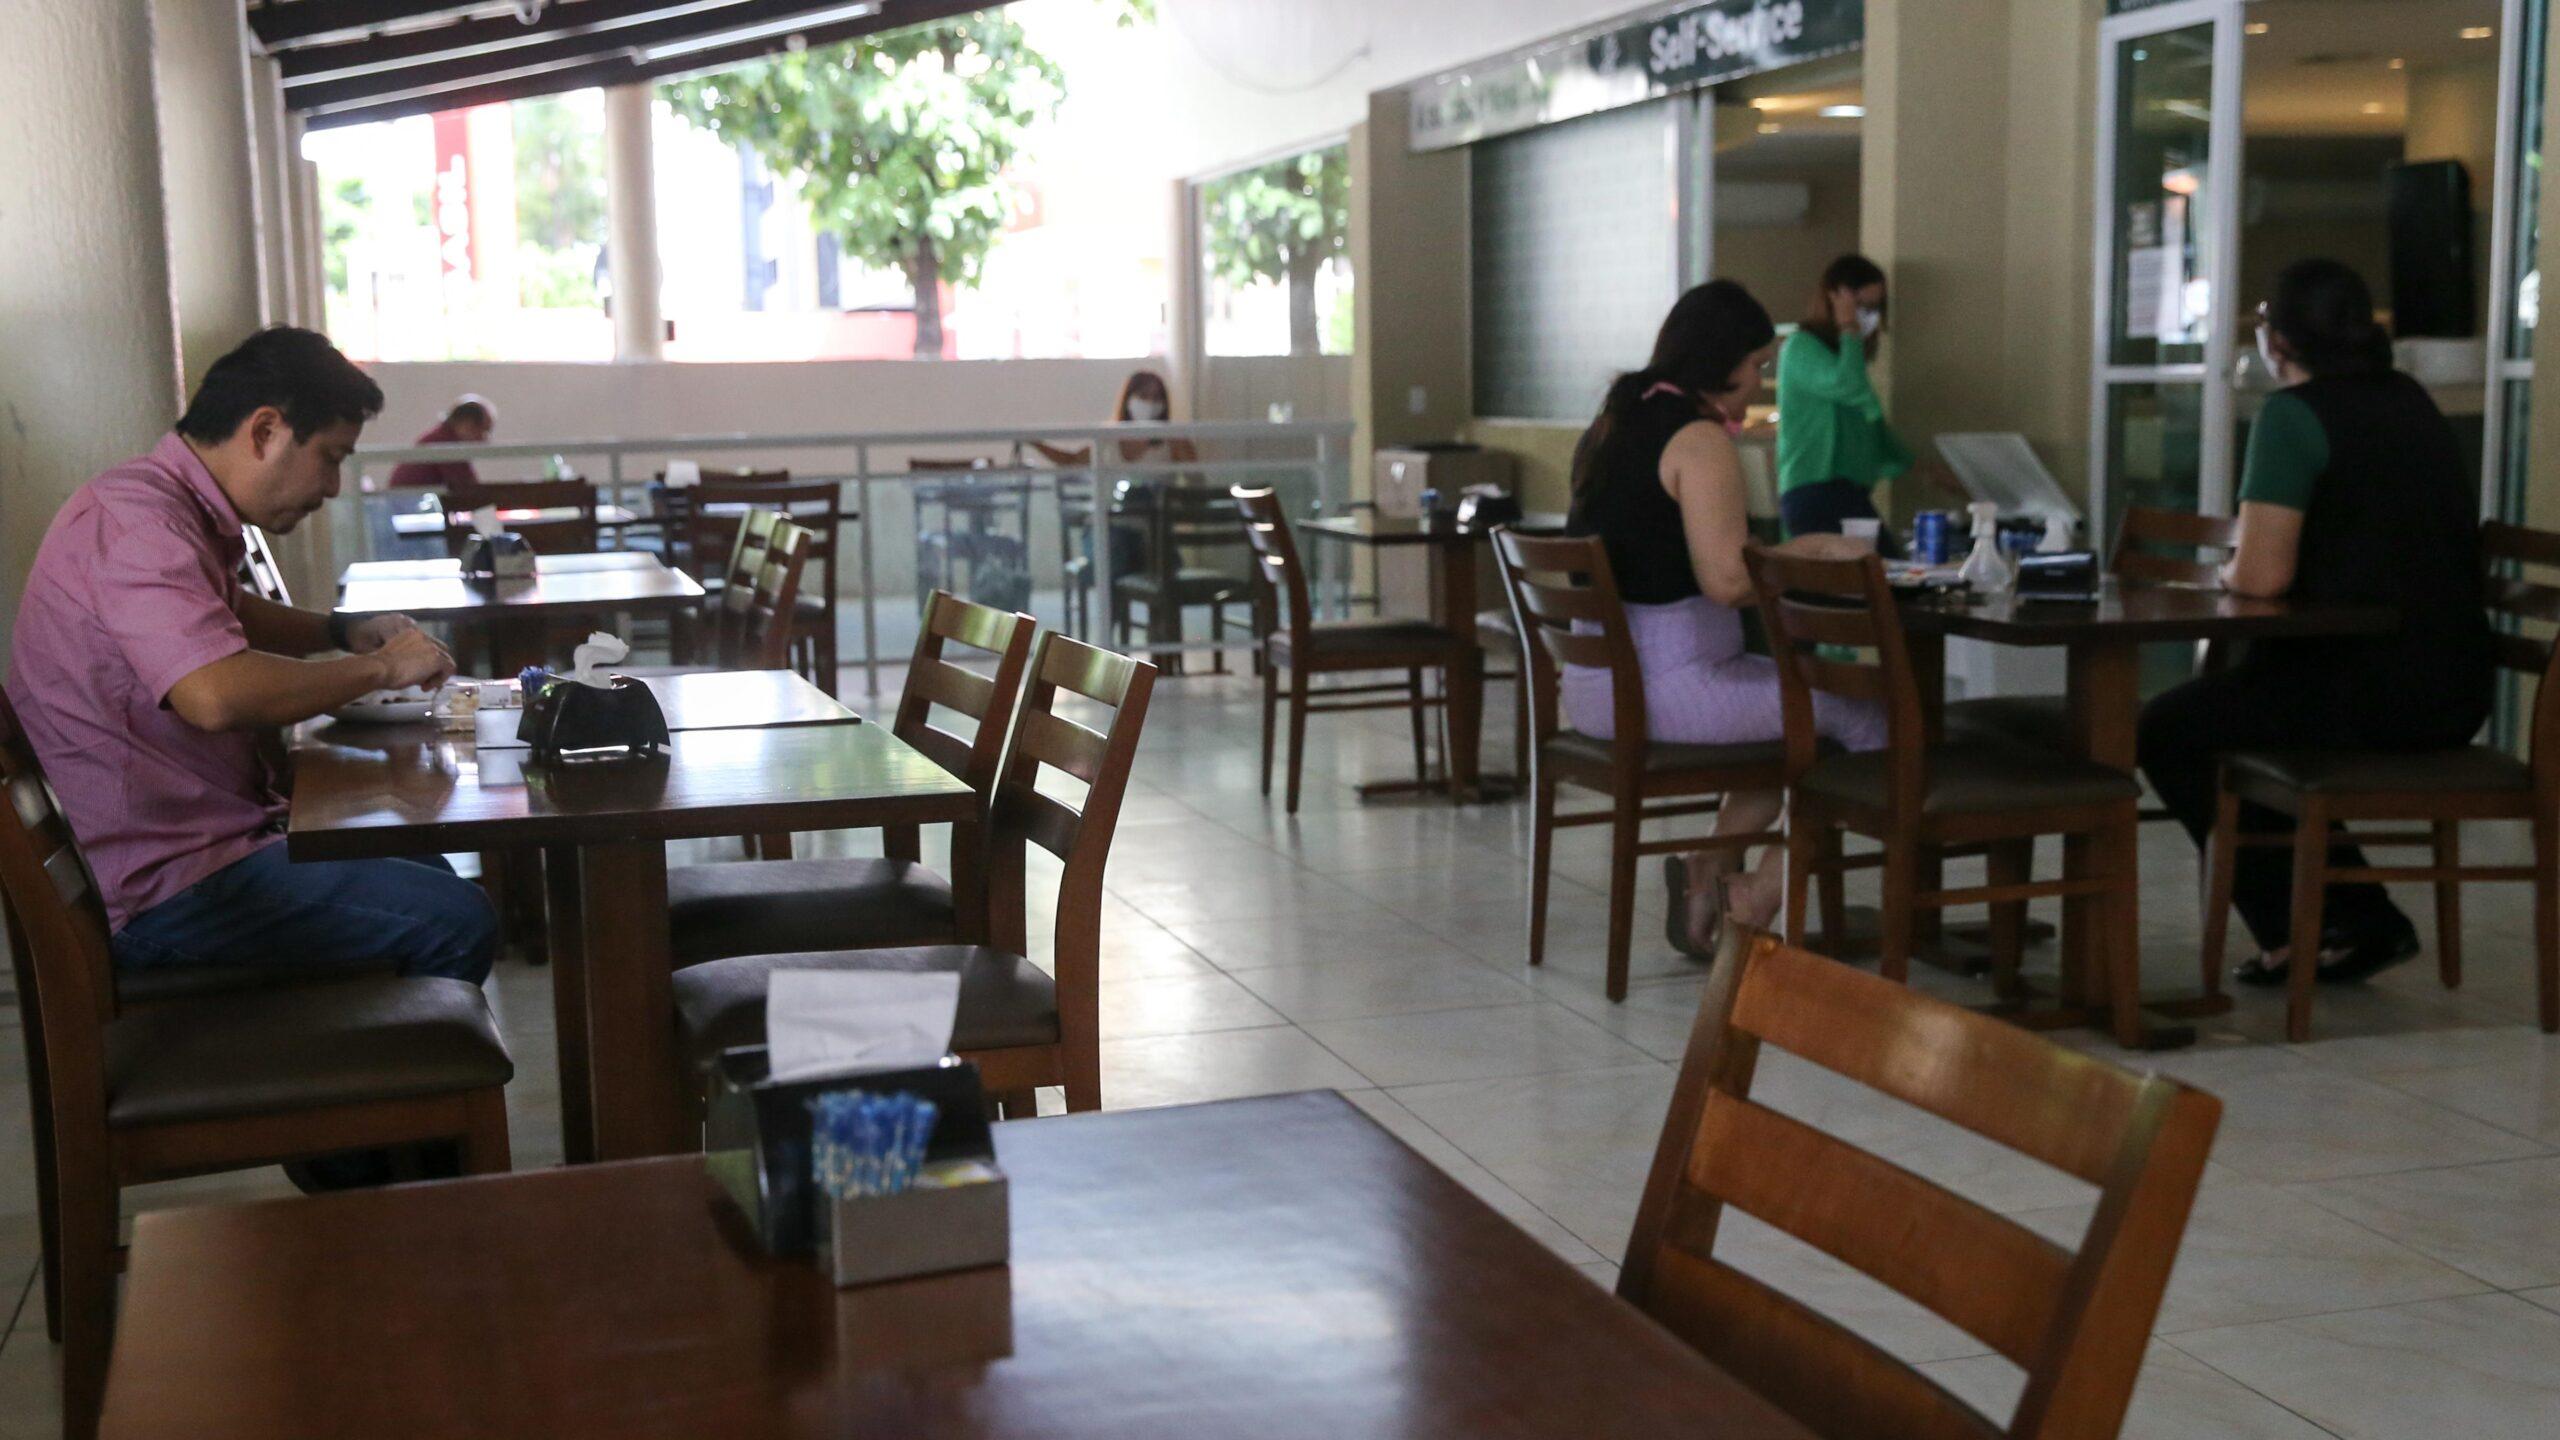 Prefeitura de Iguatu decide suspender celebrações religiosas e reabertura de restaurantes